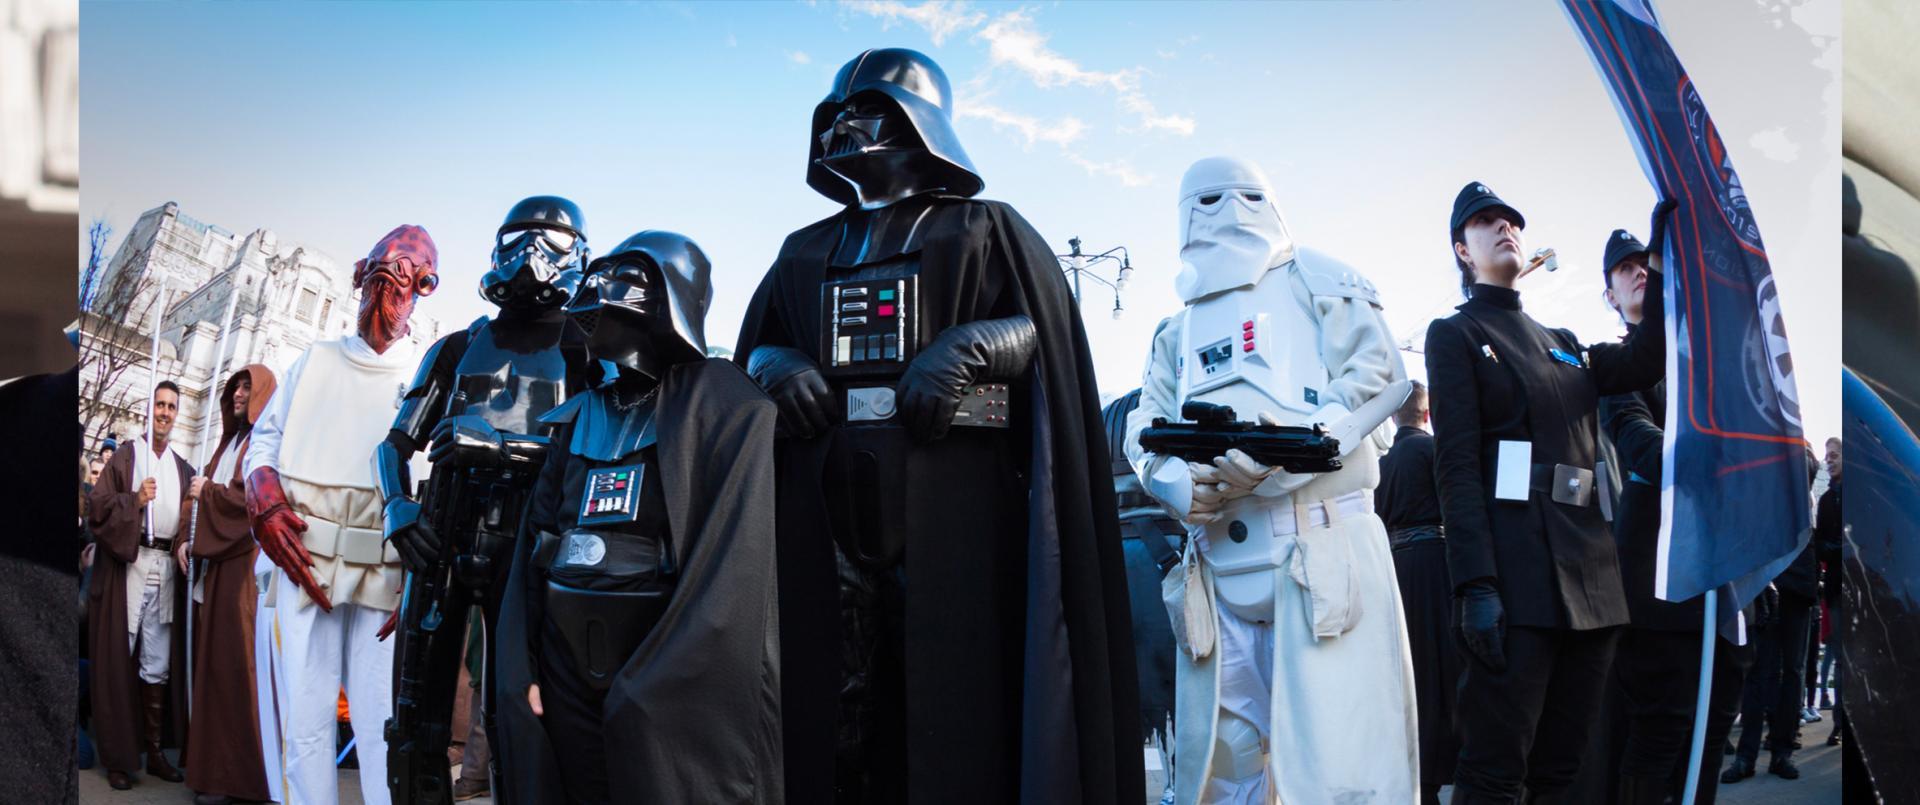 Star Wars Day 2018: gli eventi per festeggiare la celebre saga in Italia